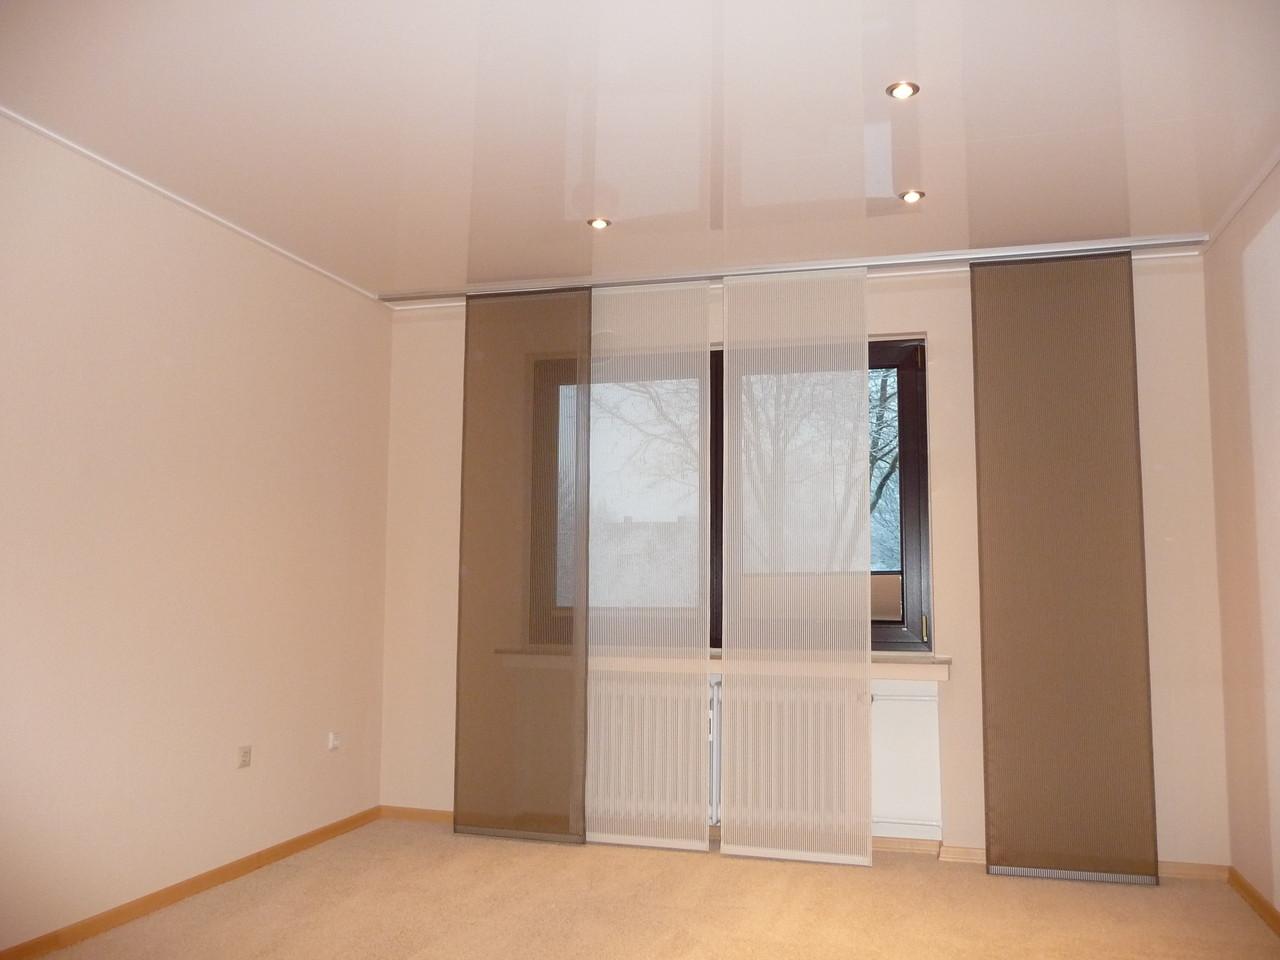 Die Komplette Raumausstattung : Boden, Fensterdekoration und Spanndecke